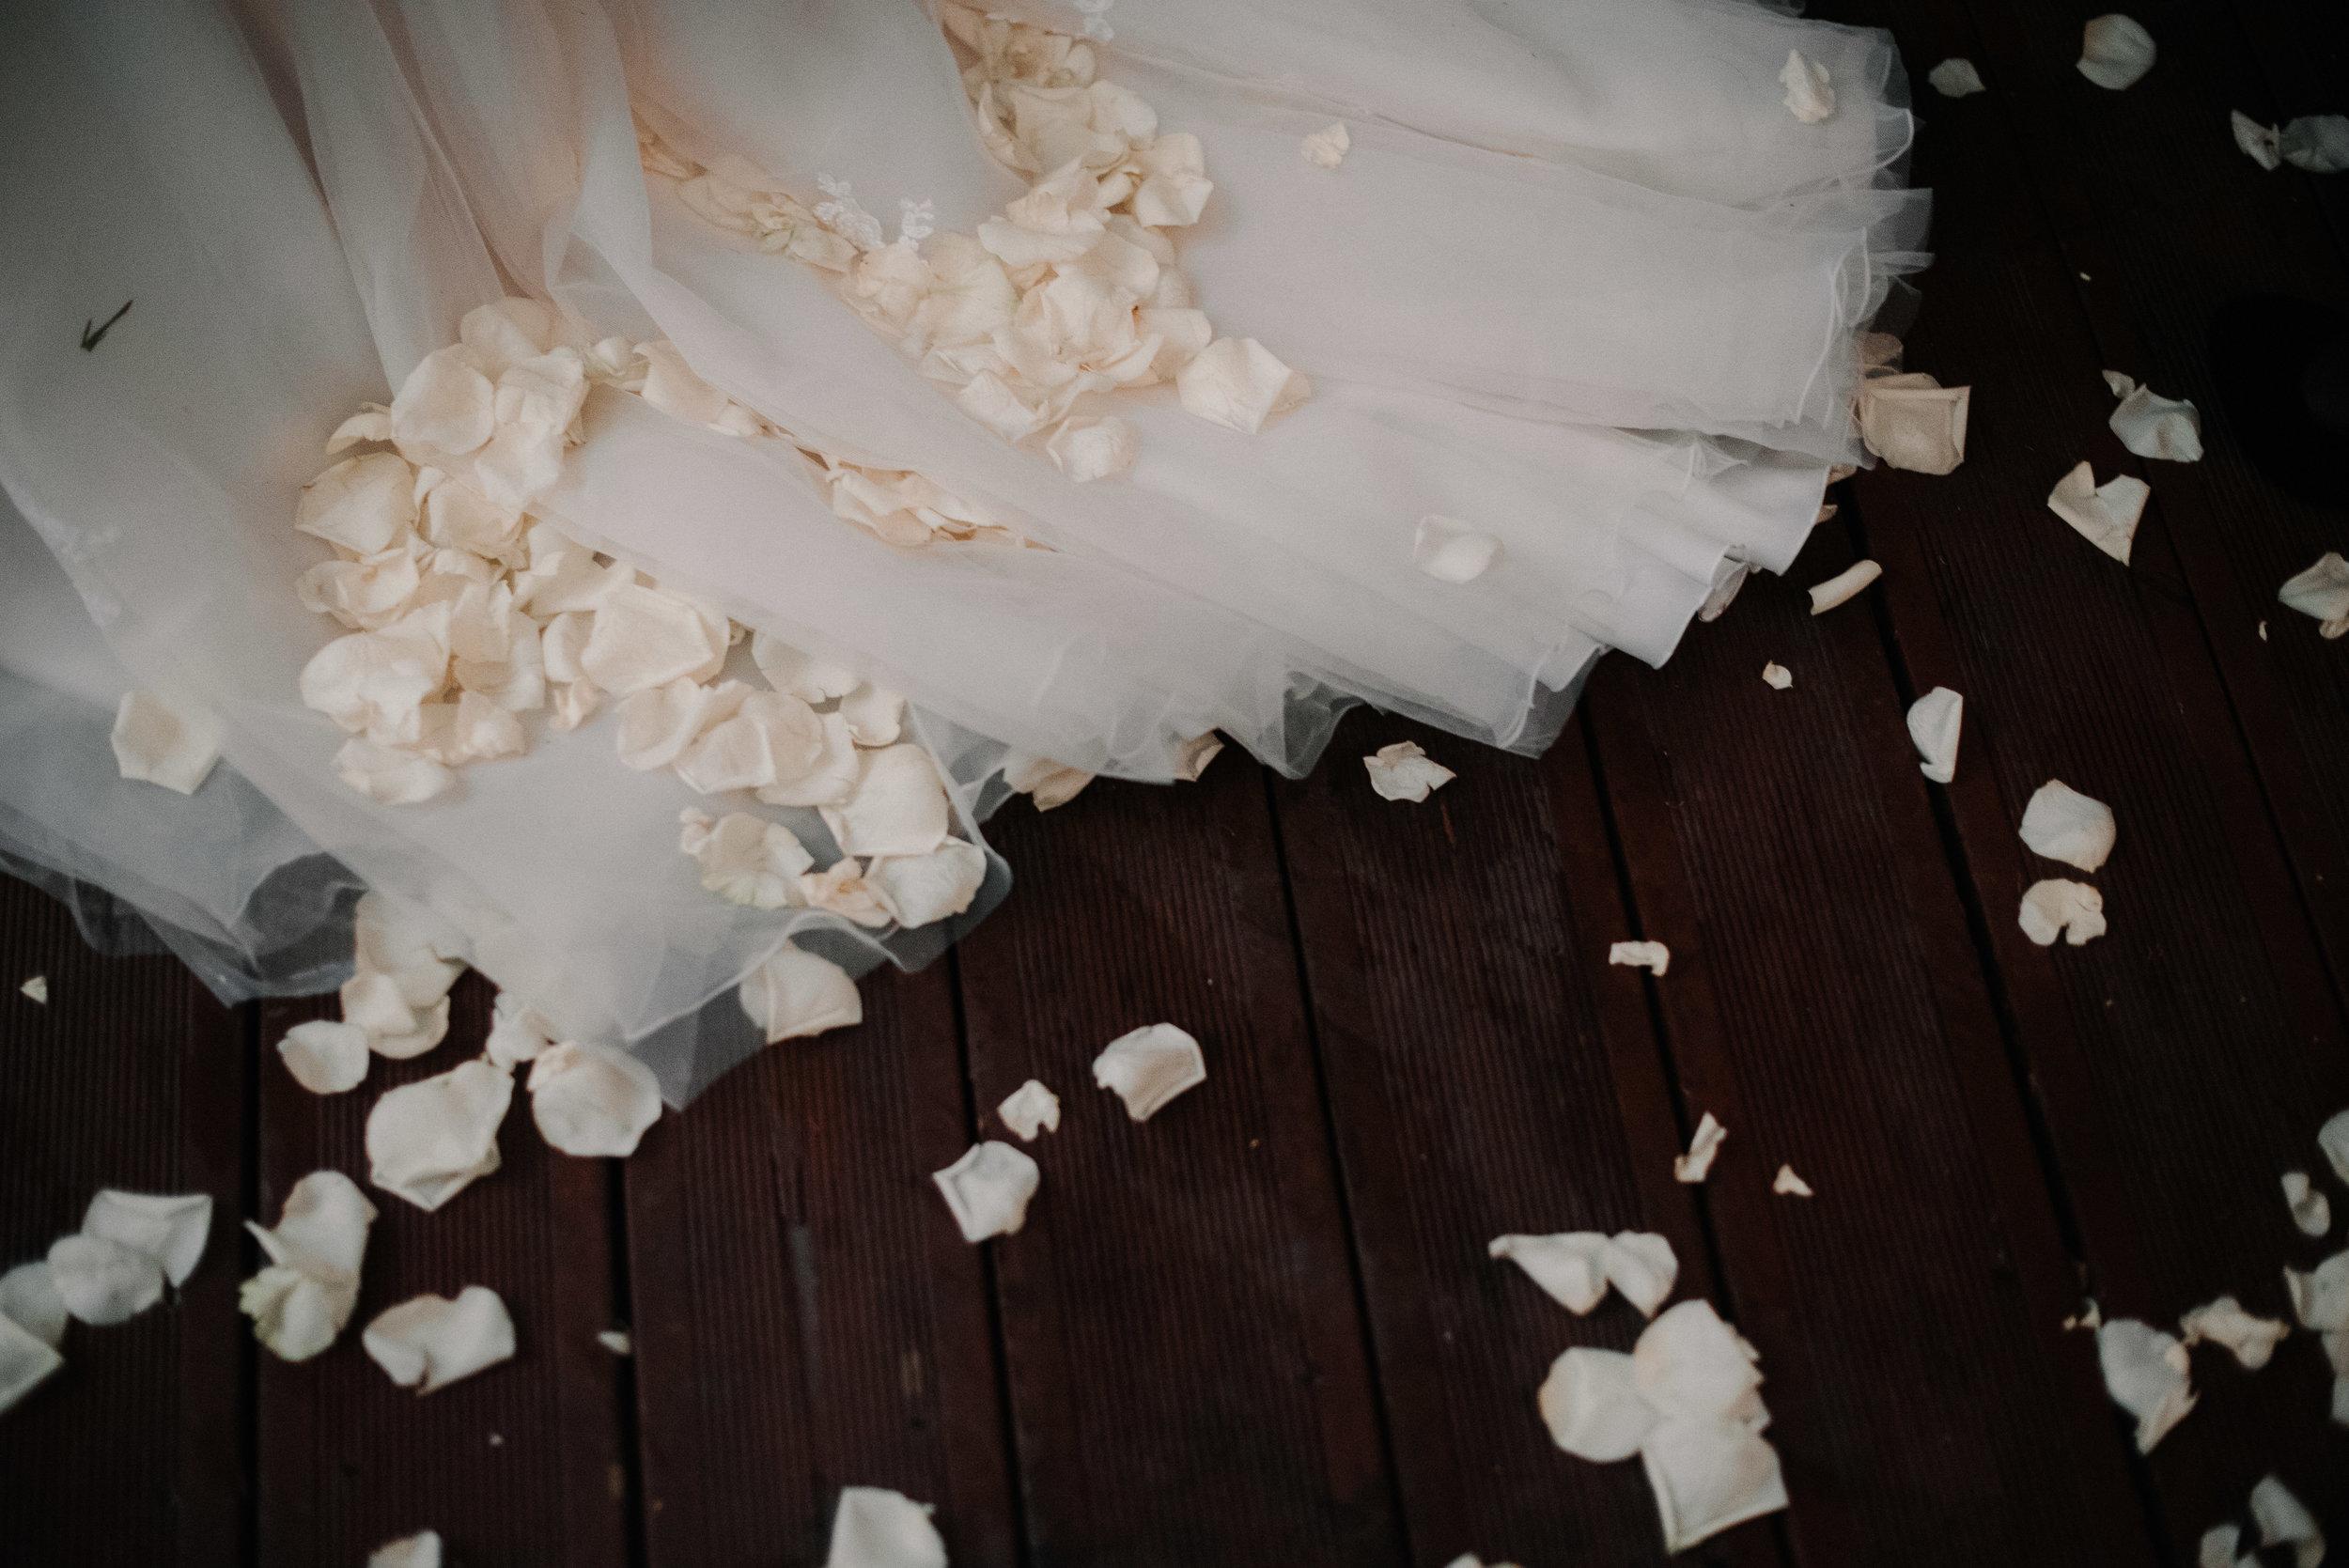 Léa-Fery-photographe-professionnel-lyon-rhone-alpes-portrait-creation-mariage-evenement-evenementiel-famille-7746.jpg